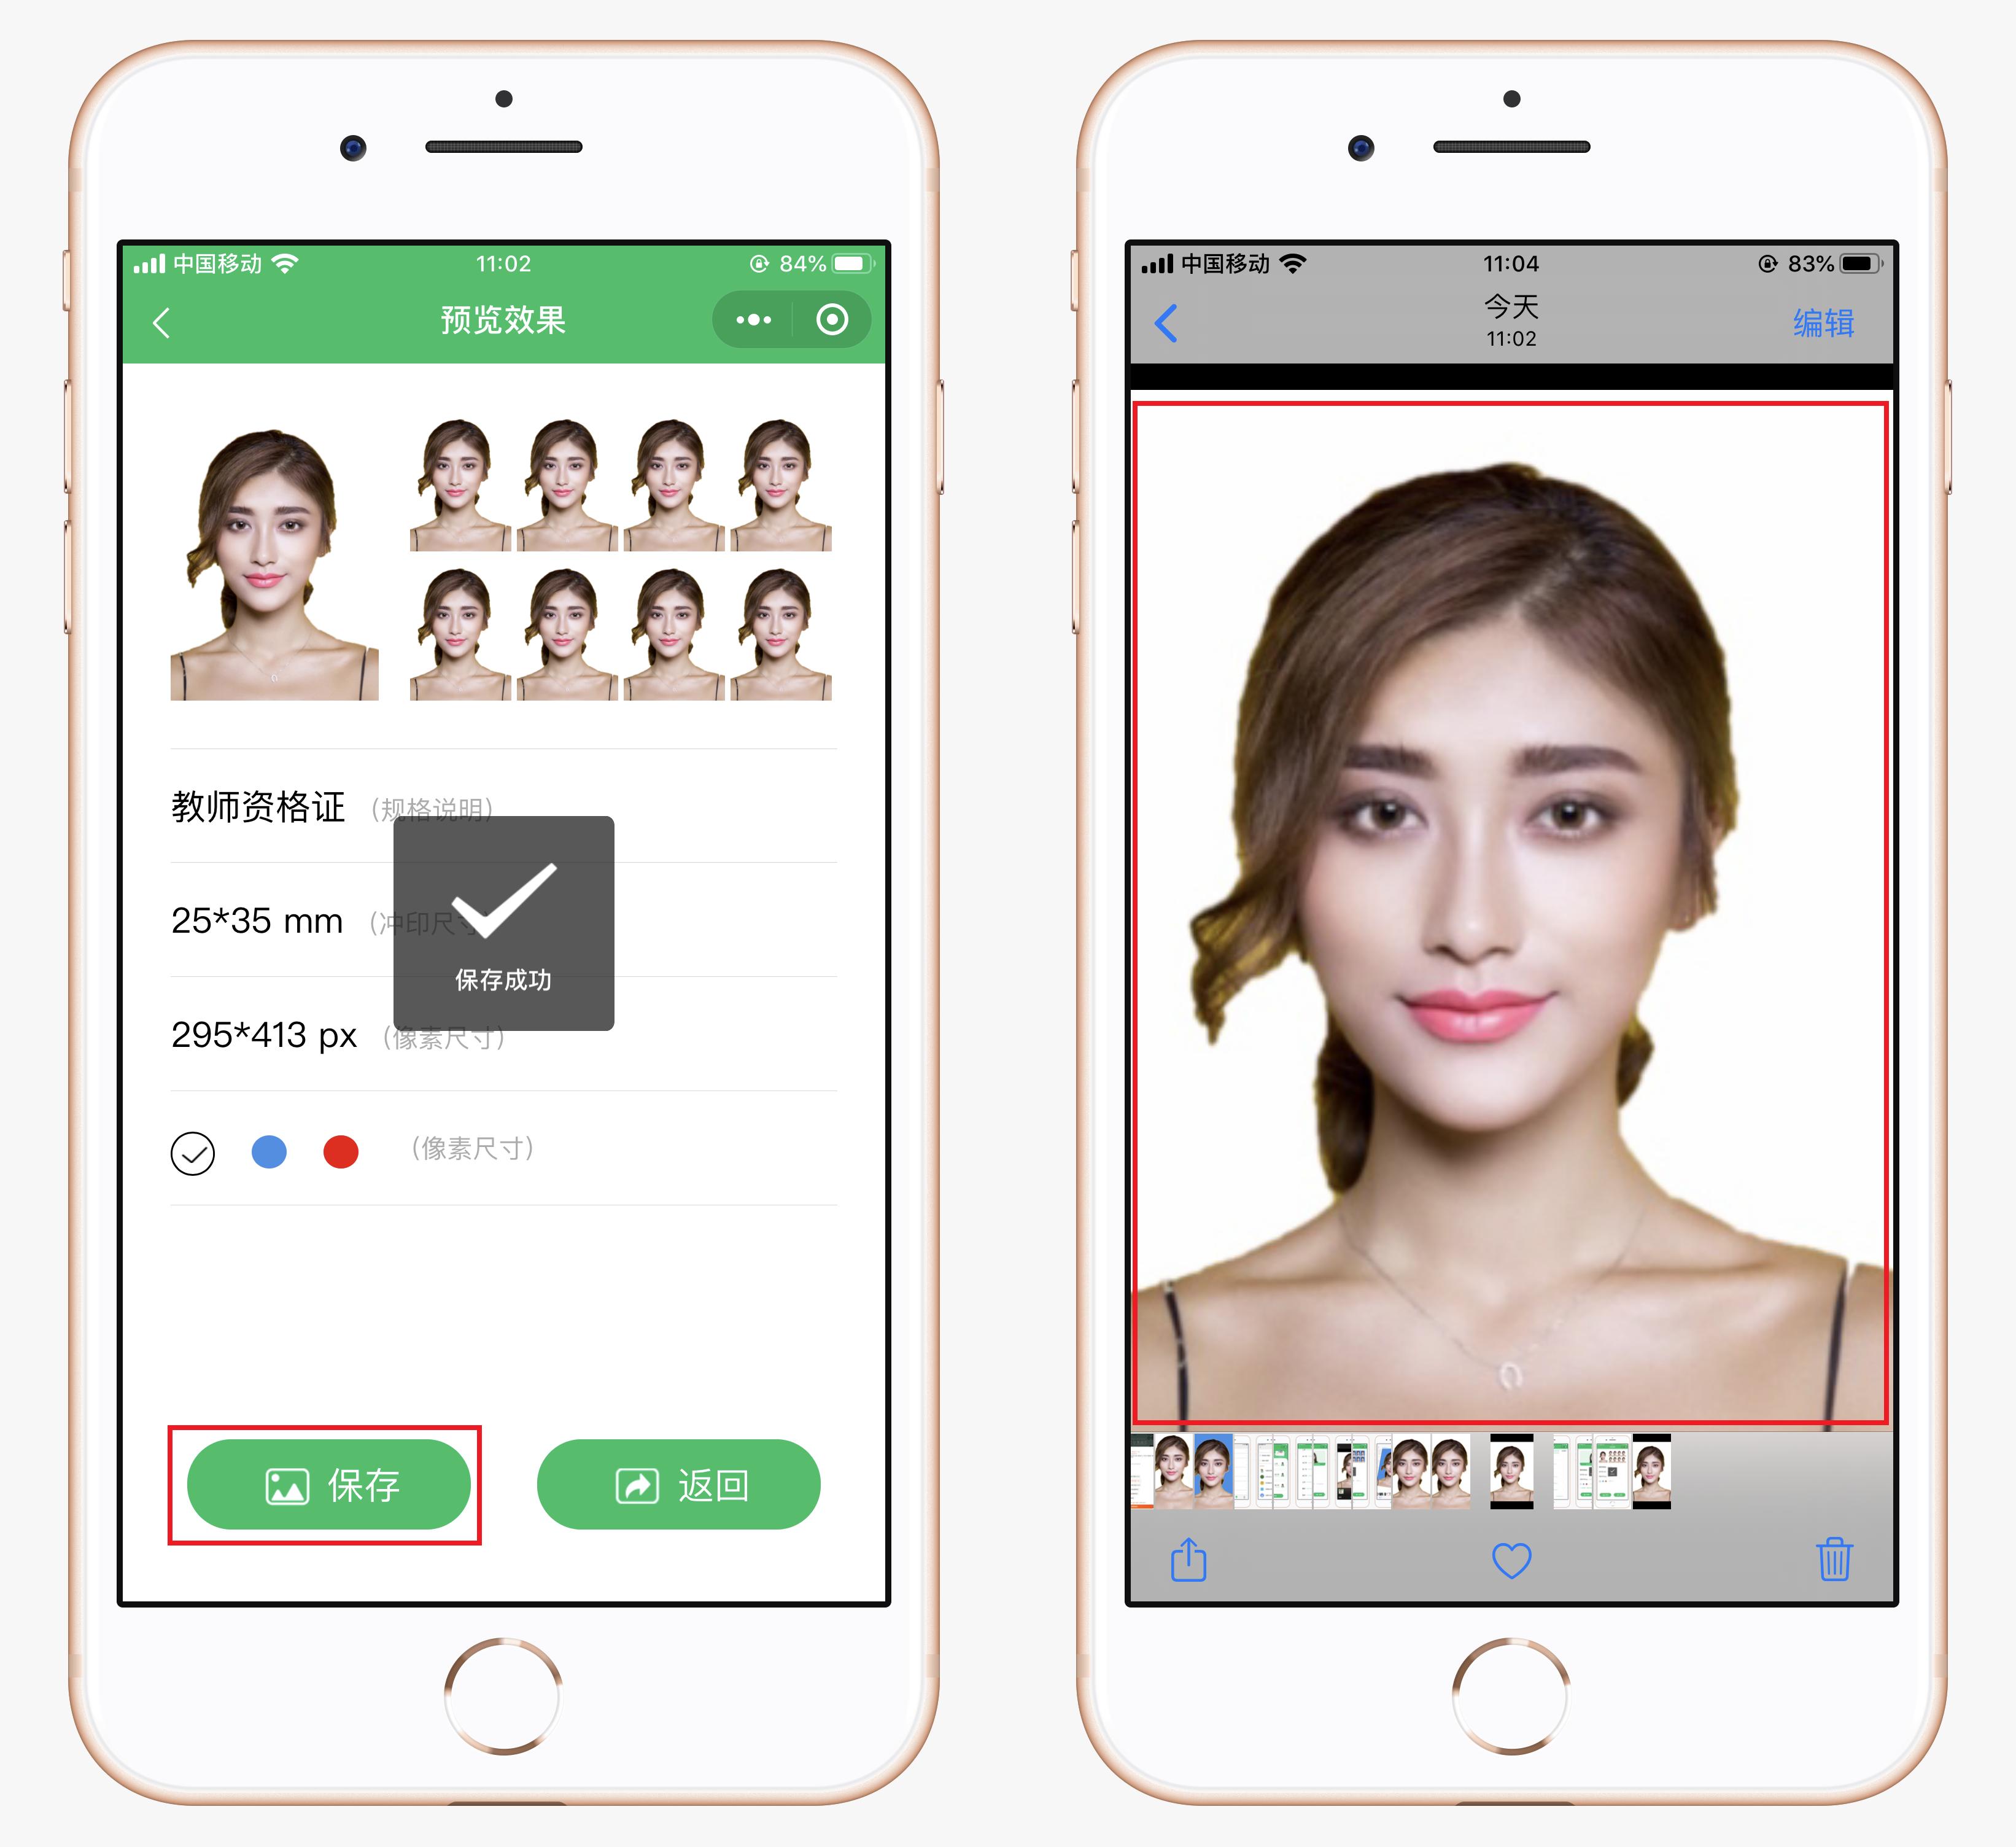 证件照制作app免费(证件照制作在线)插图6